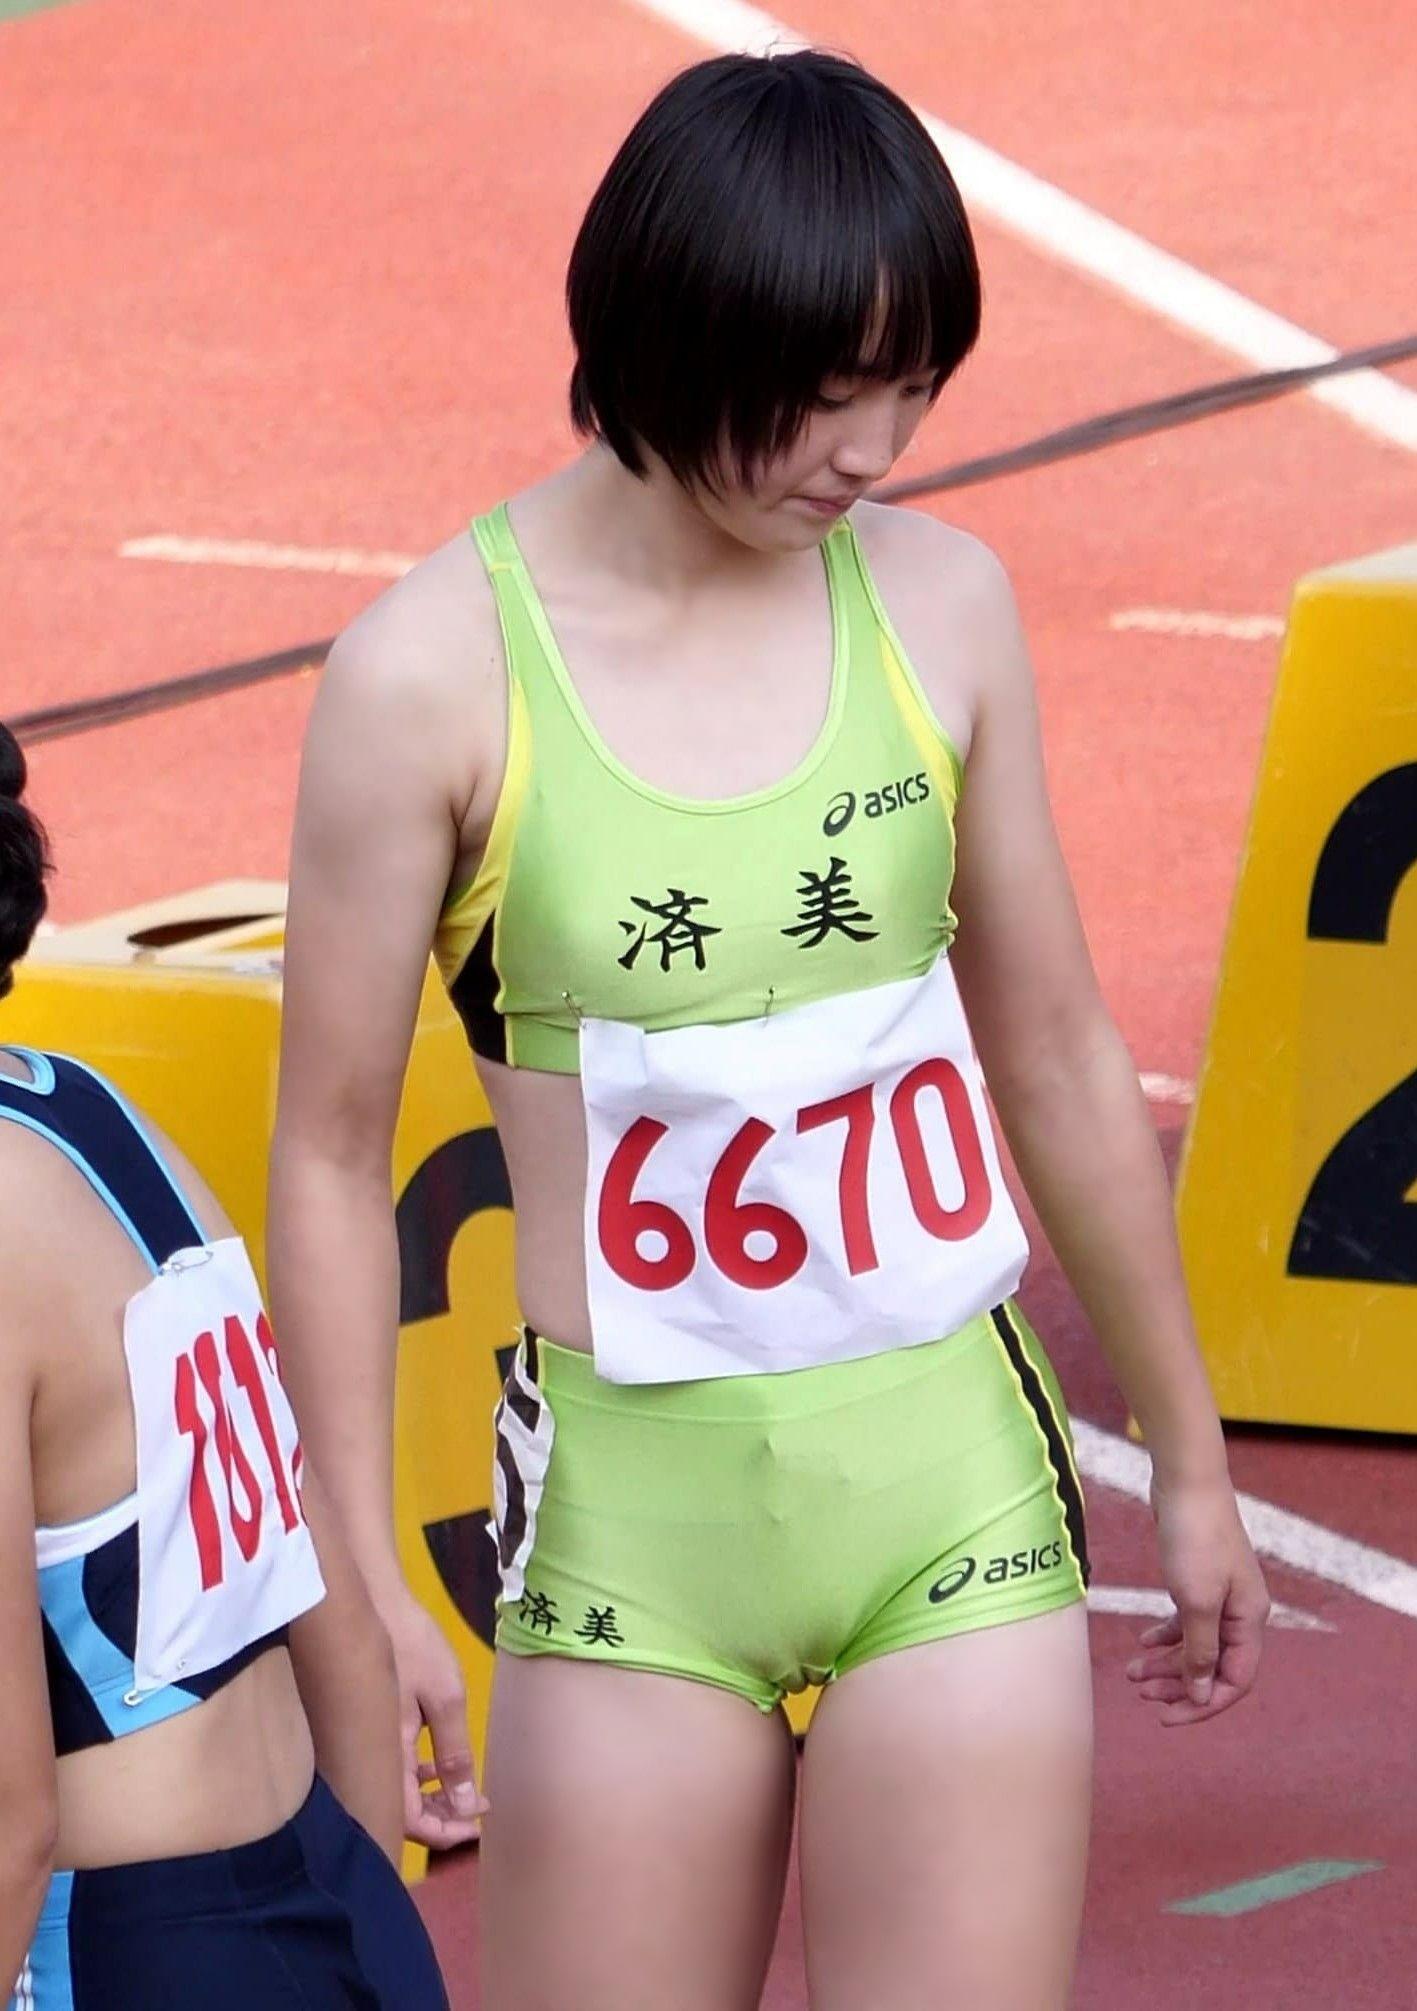 女子陸上 食い込み 大好評・女子陸上選手の画像集 食い込みがたまりましぇん ...